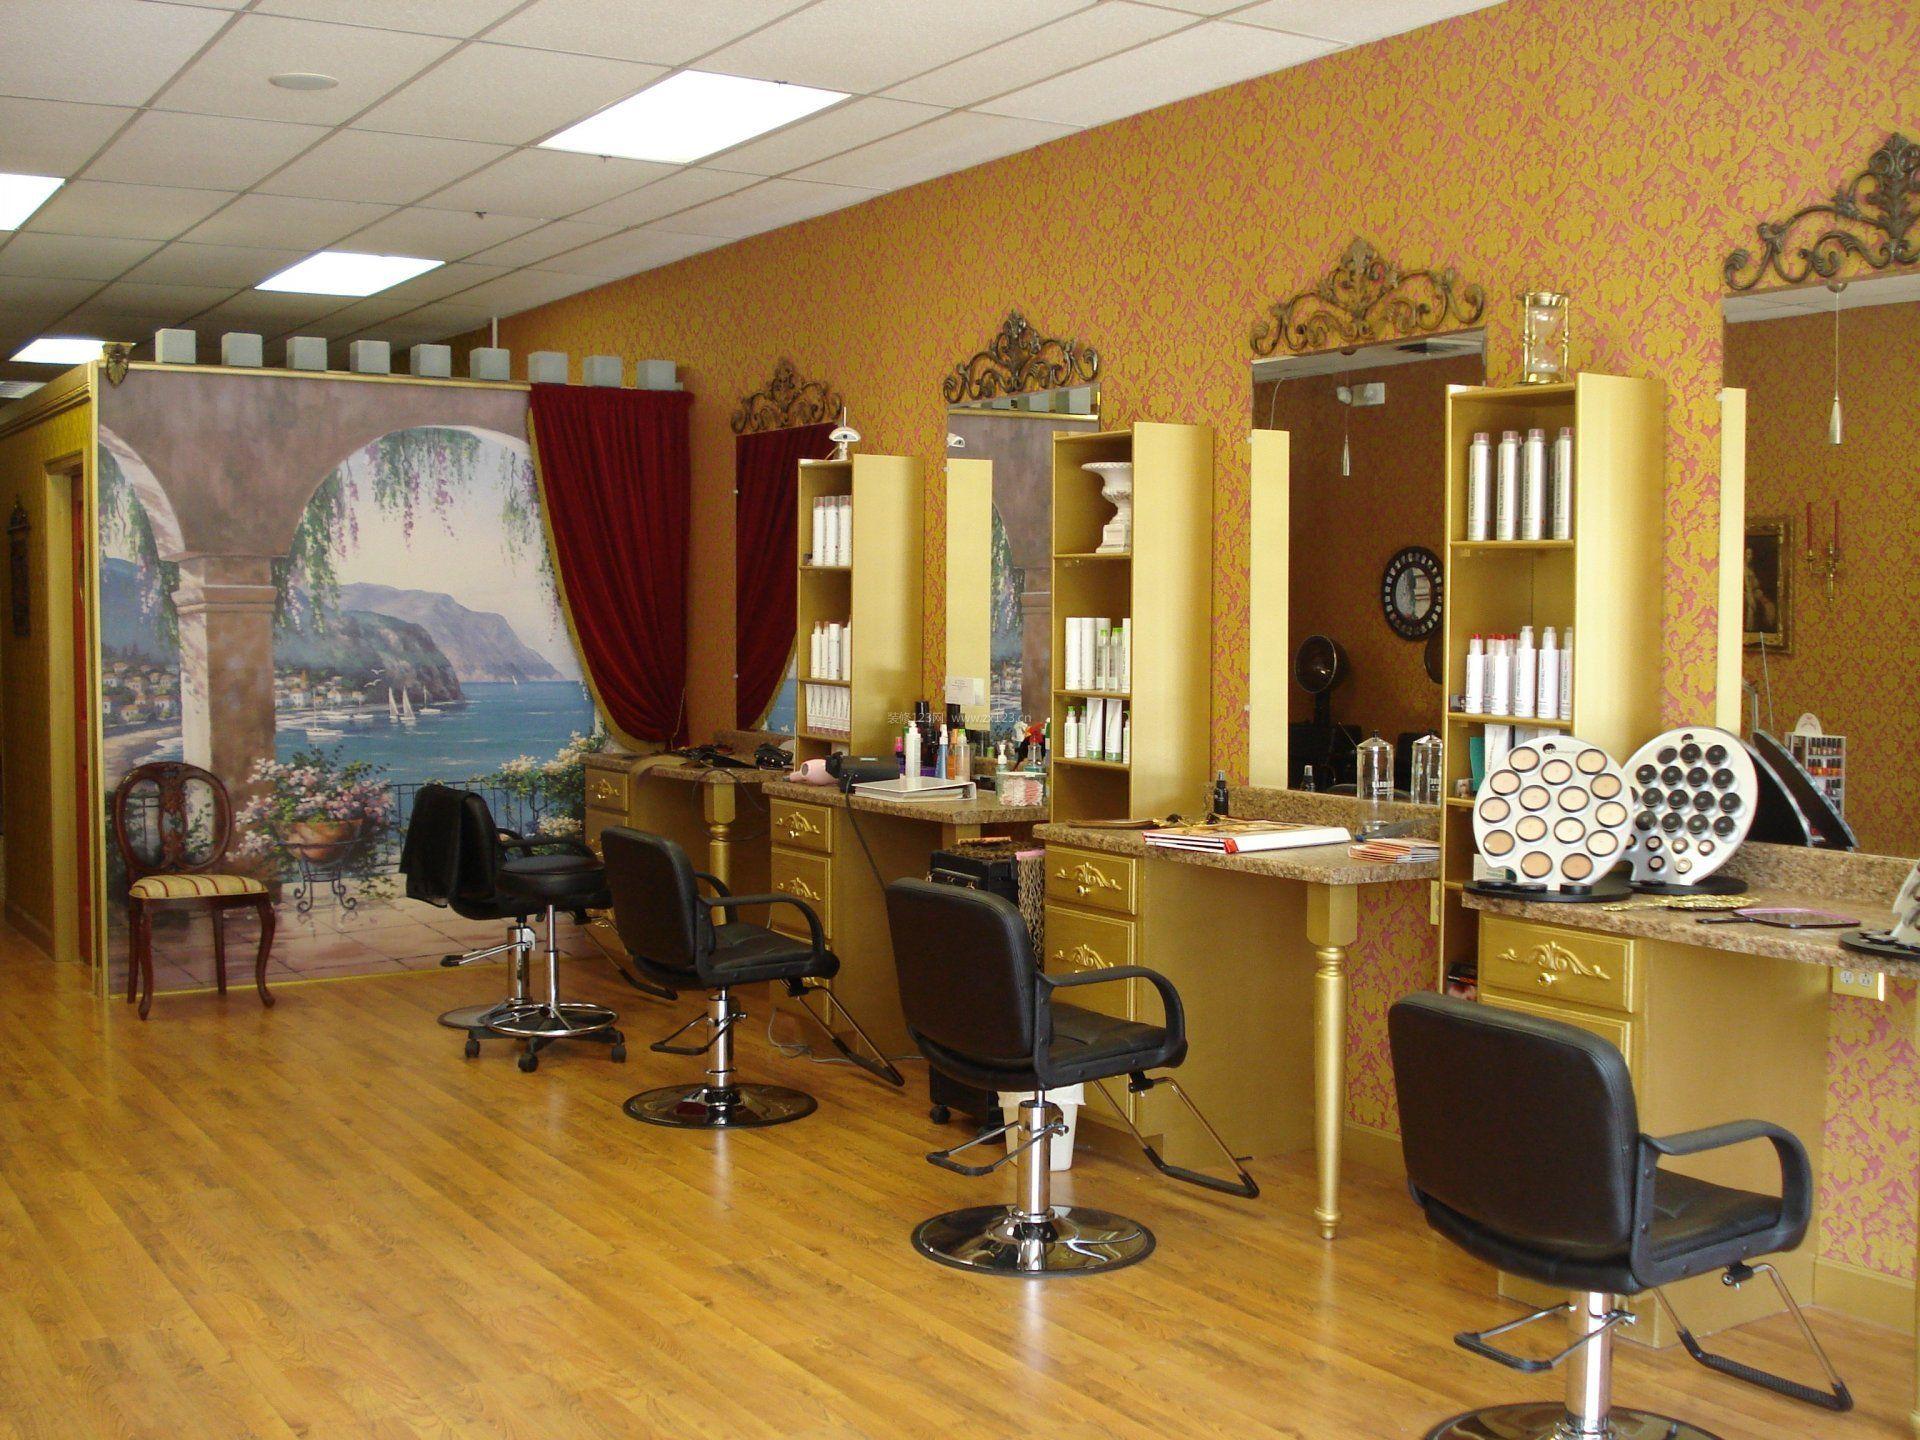 小型理发店深黄色木地板装修效果图片